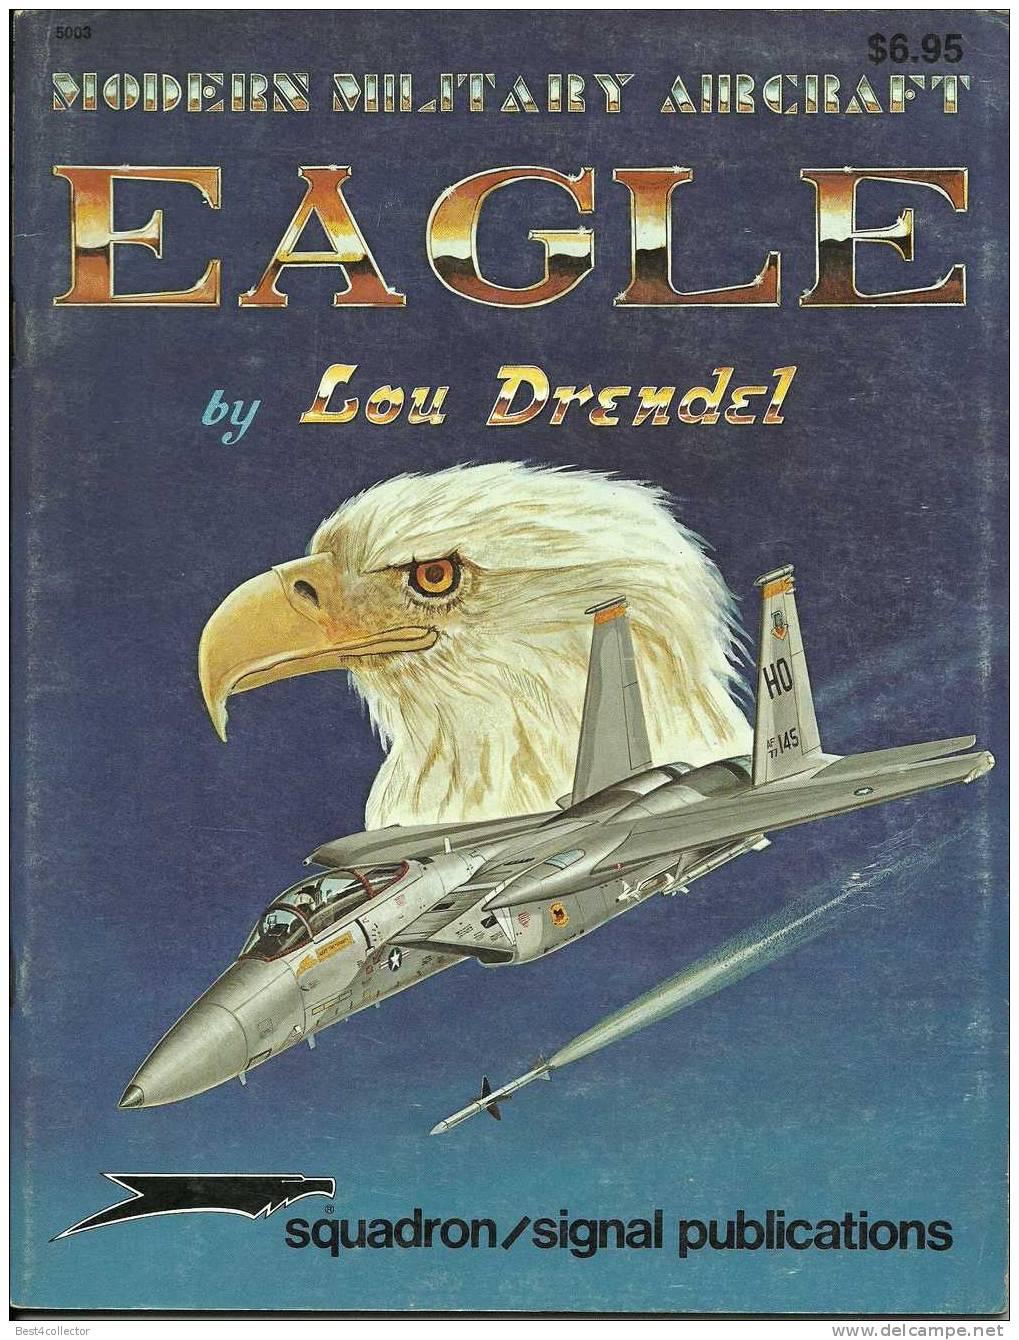 @@@ F-15 EAGLE - SQUADRON/SIGNAL PUBLICATIONS-1985 - Forces Armées Américaines